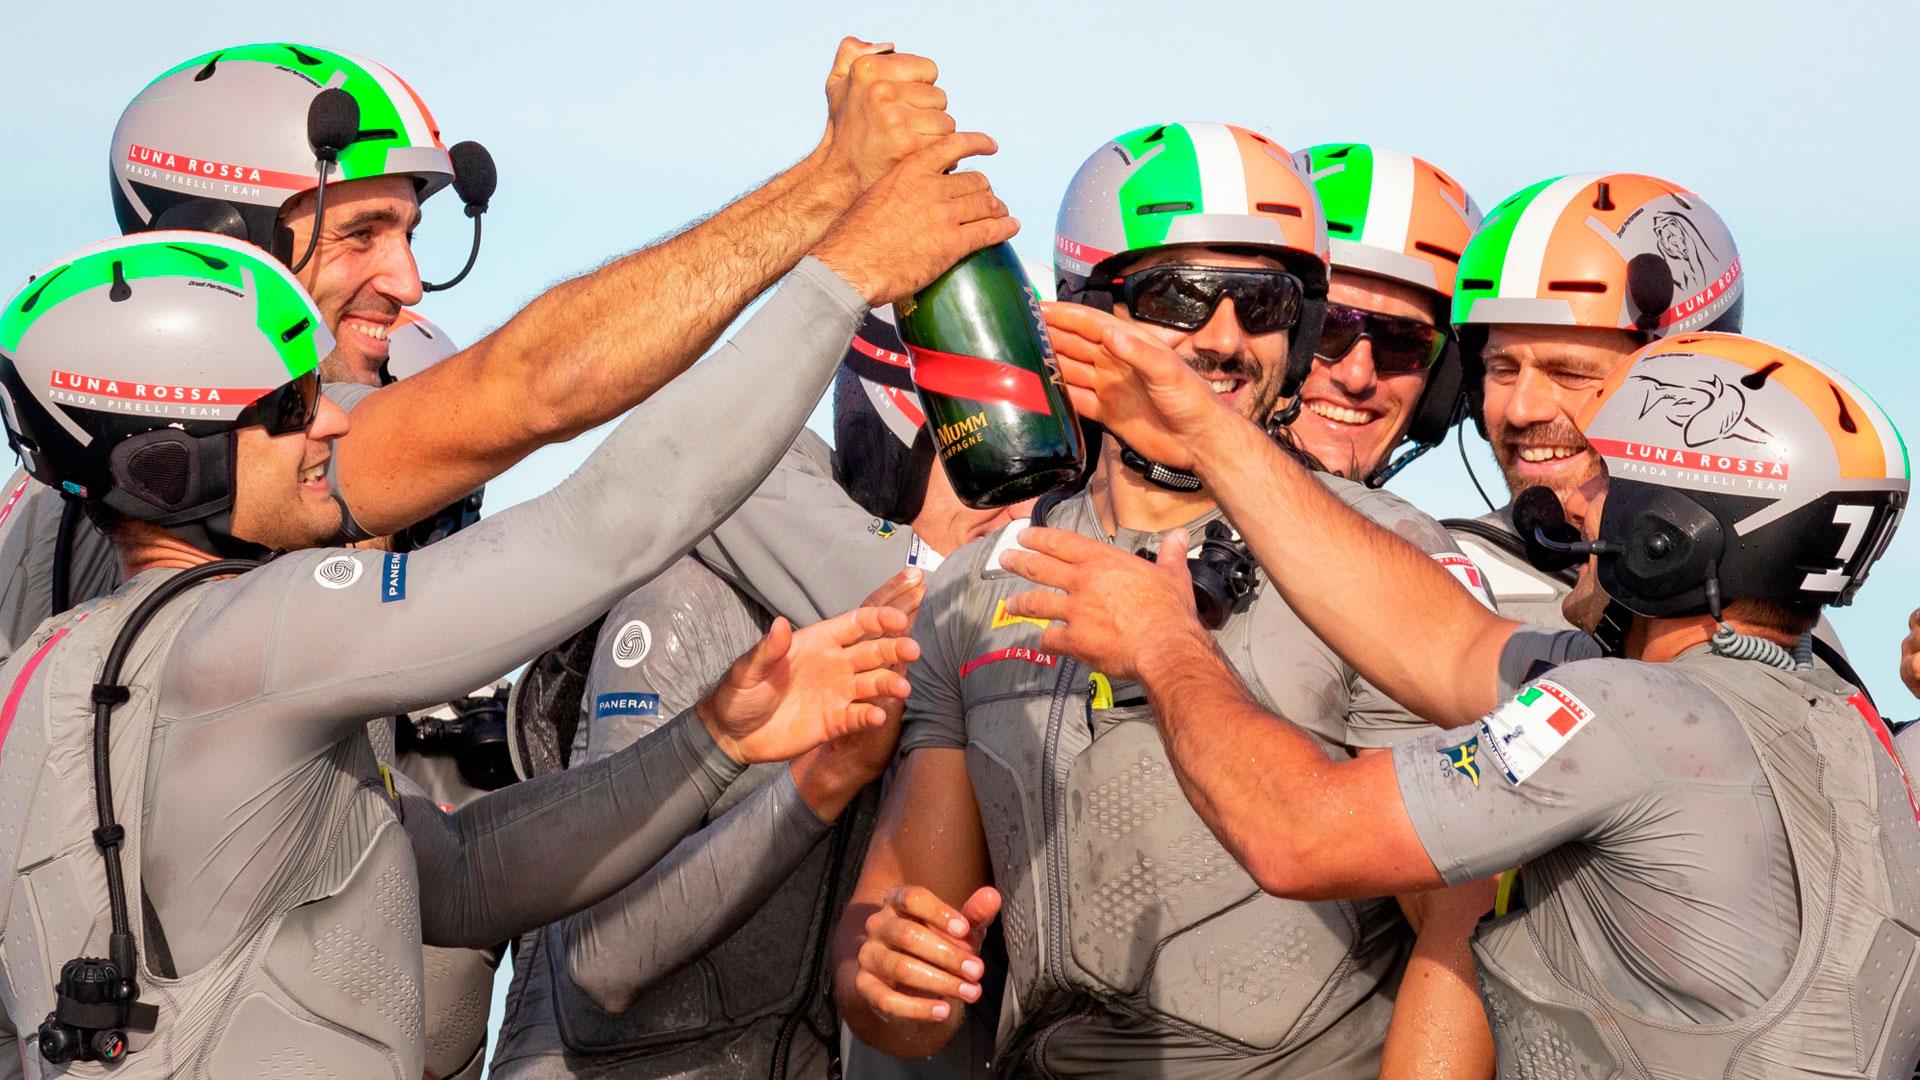 El team Luna Rossa se proclama  Campeón de la 36º America's Cup, Panerai se enorgullece de ser su patrocinador, además de ser el cronometro oficial de la Competición.